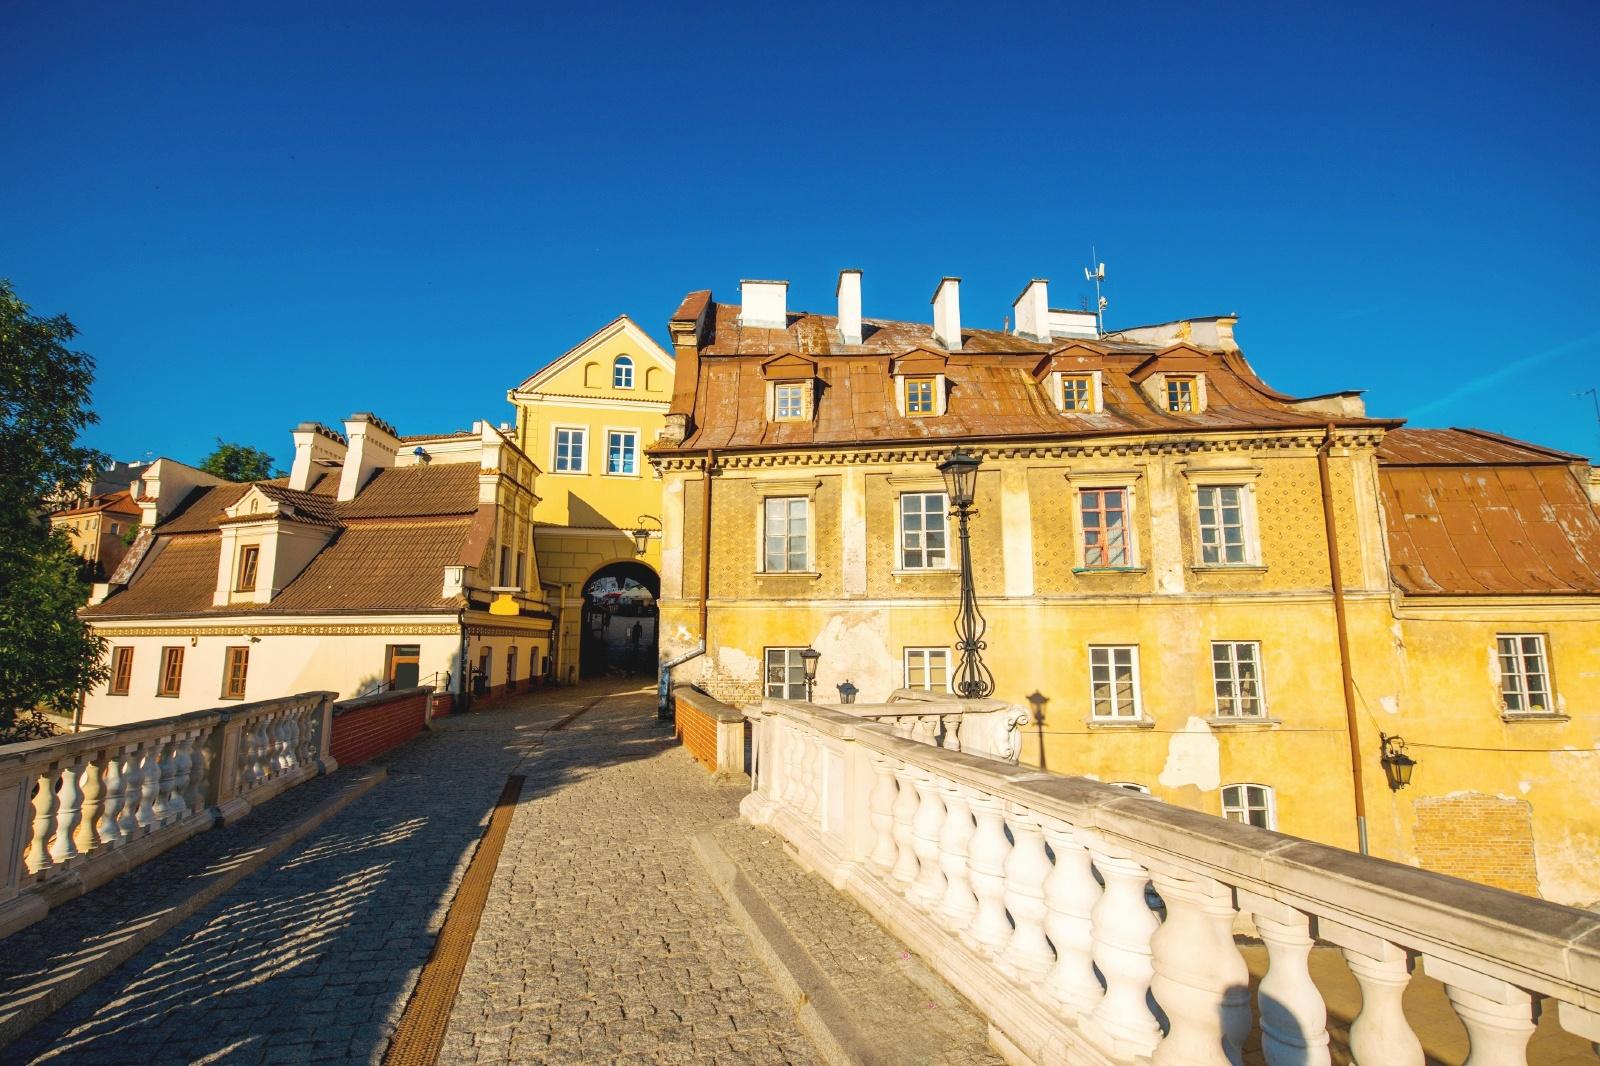 ルブリンの旧市街 ポーランドの風景